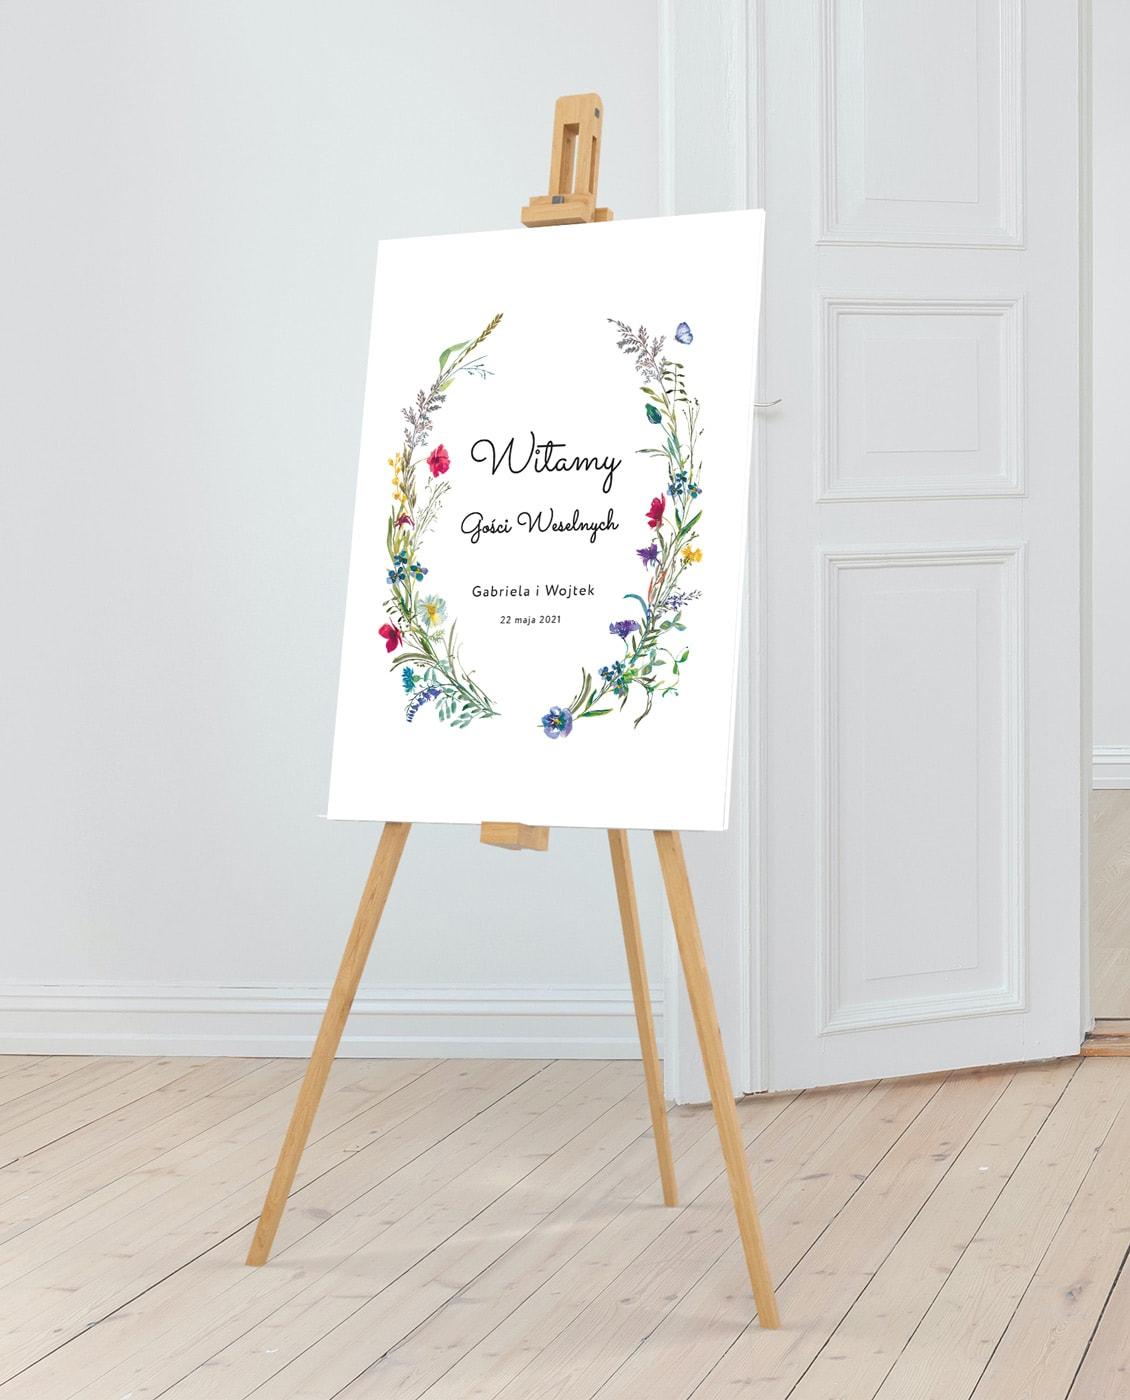 Tablica na powitanie gości weselnych z polnymi kwiatami